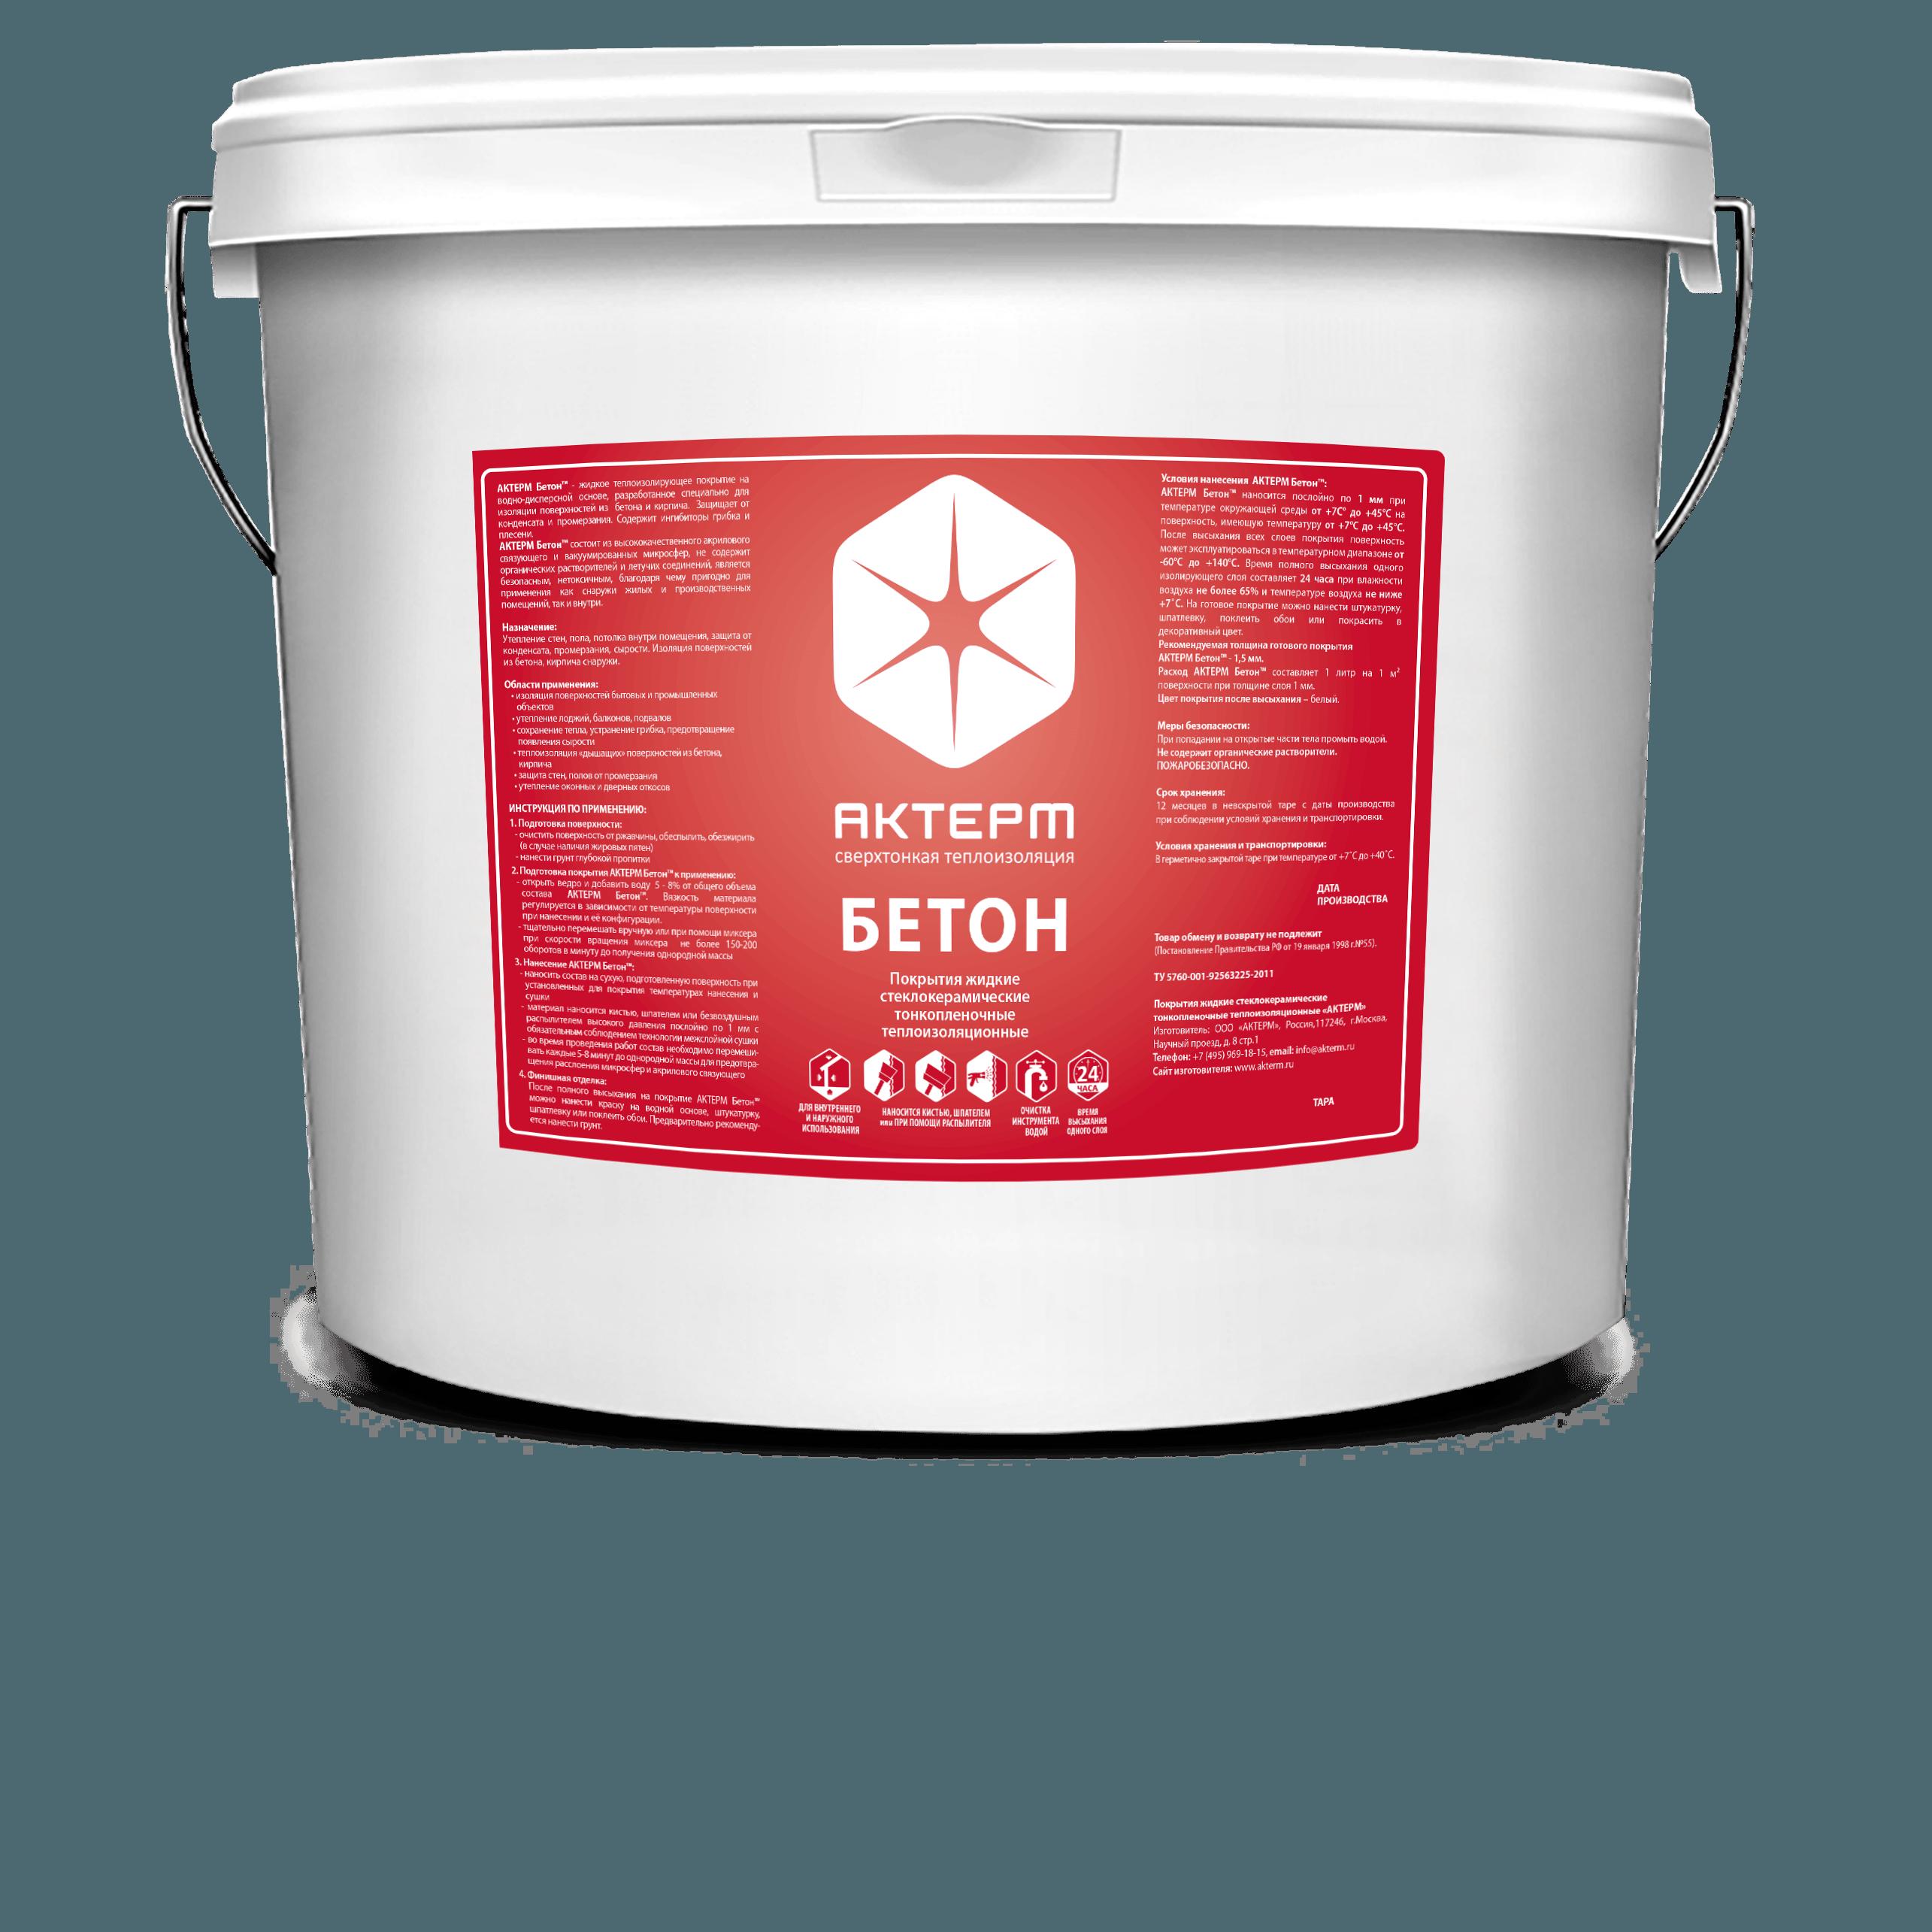 Купить бетон 10 литров бетон купить в саратове с доставкой цена